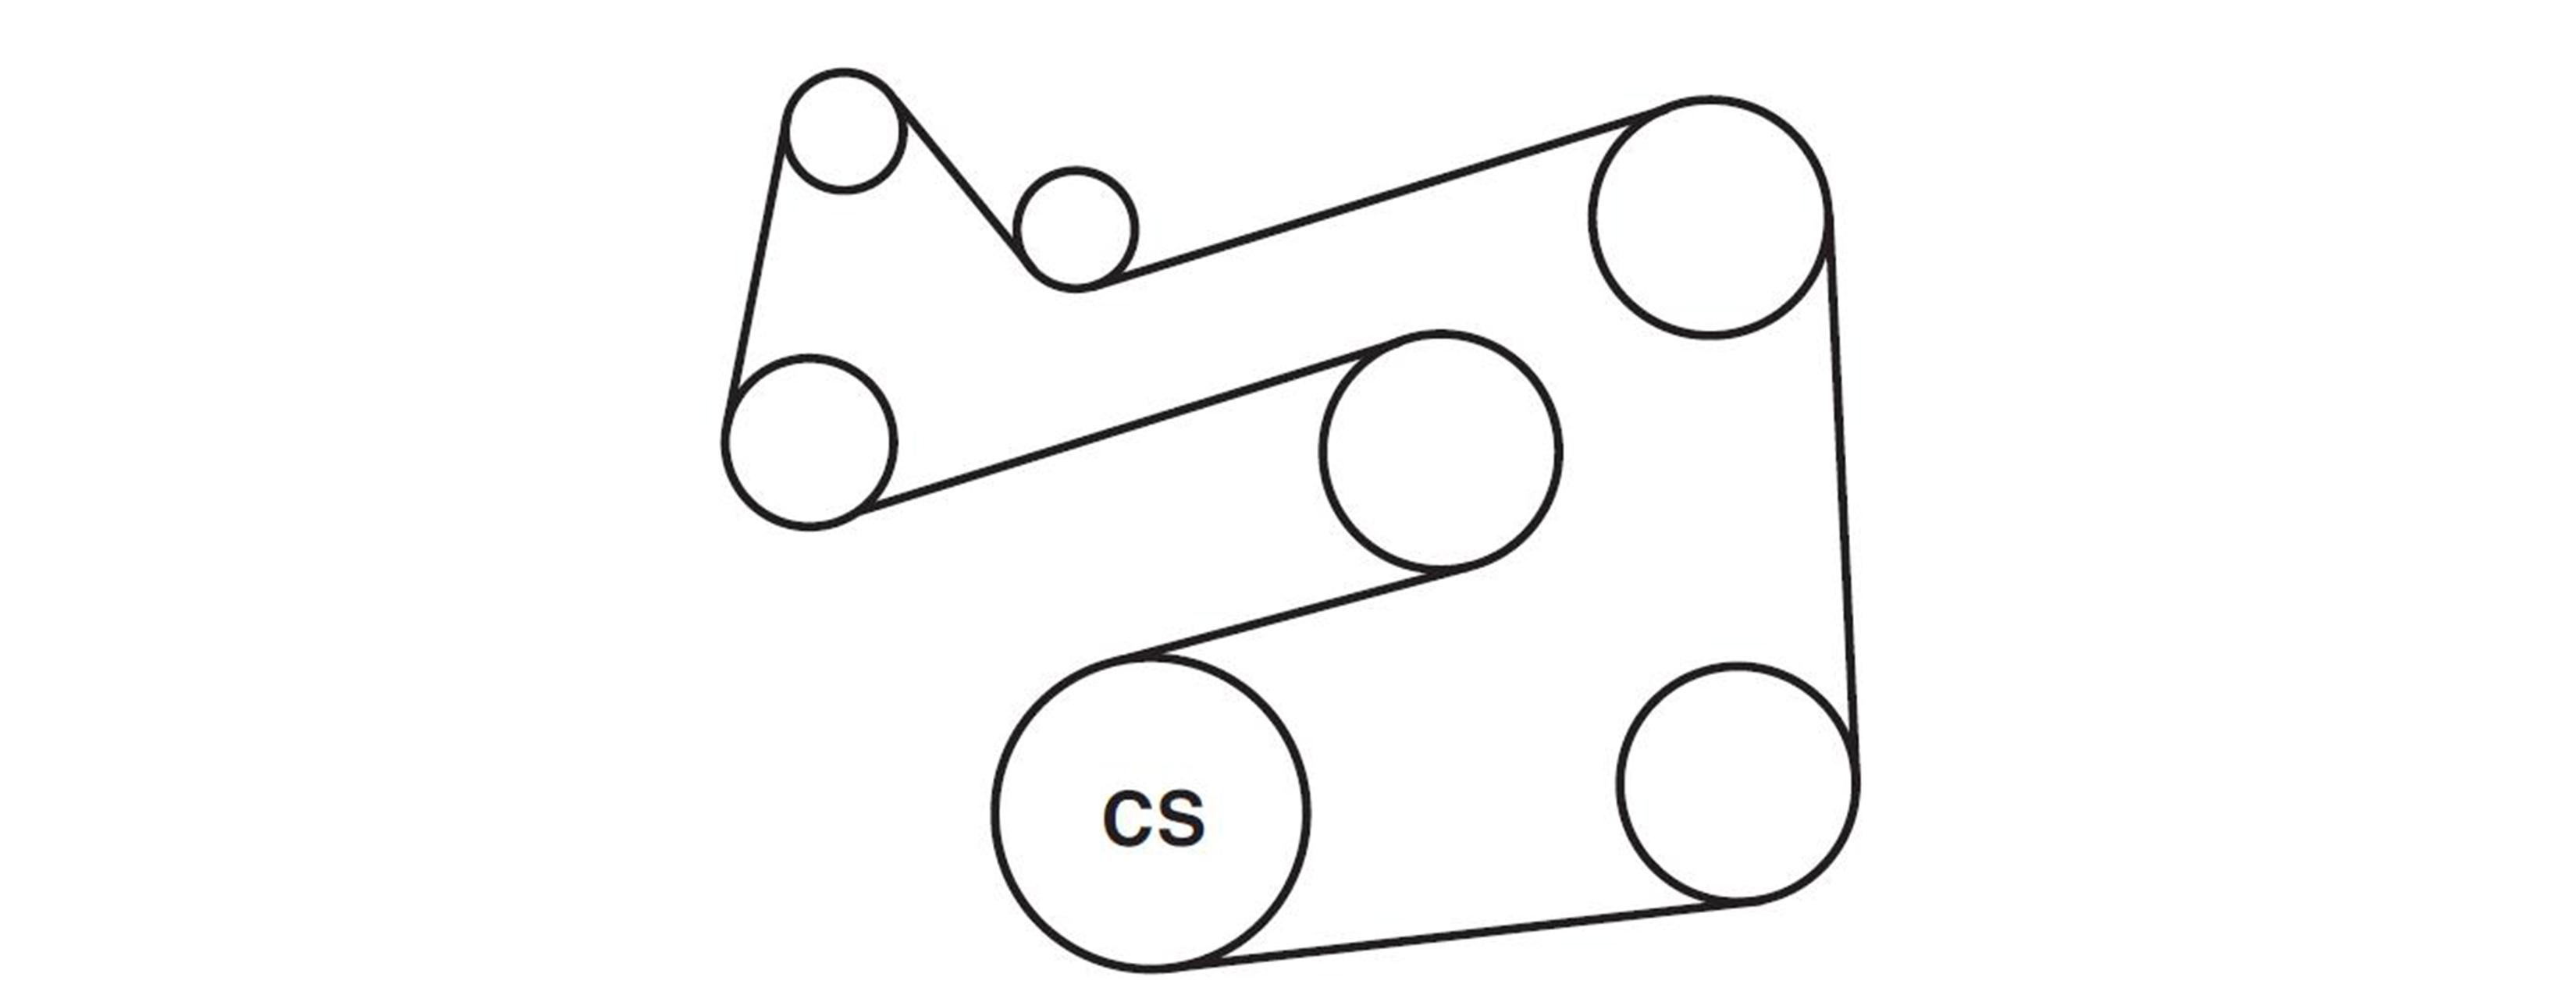 Ford Escort Zx2 Serpentine Belt Diagram